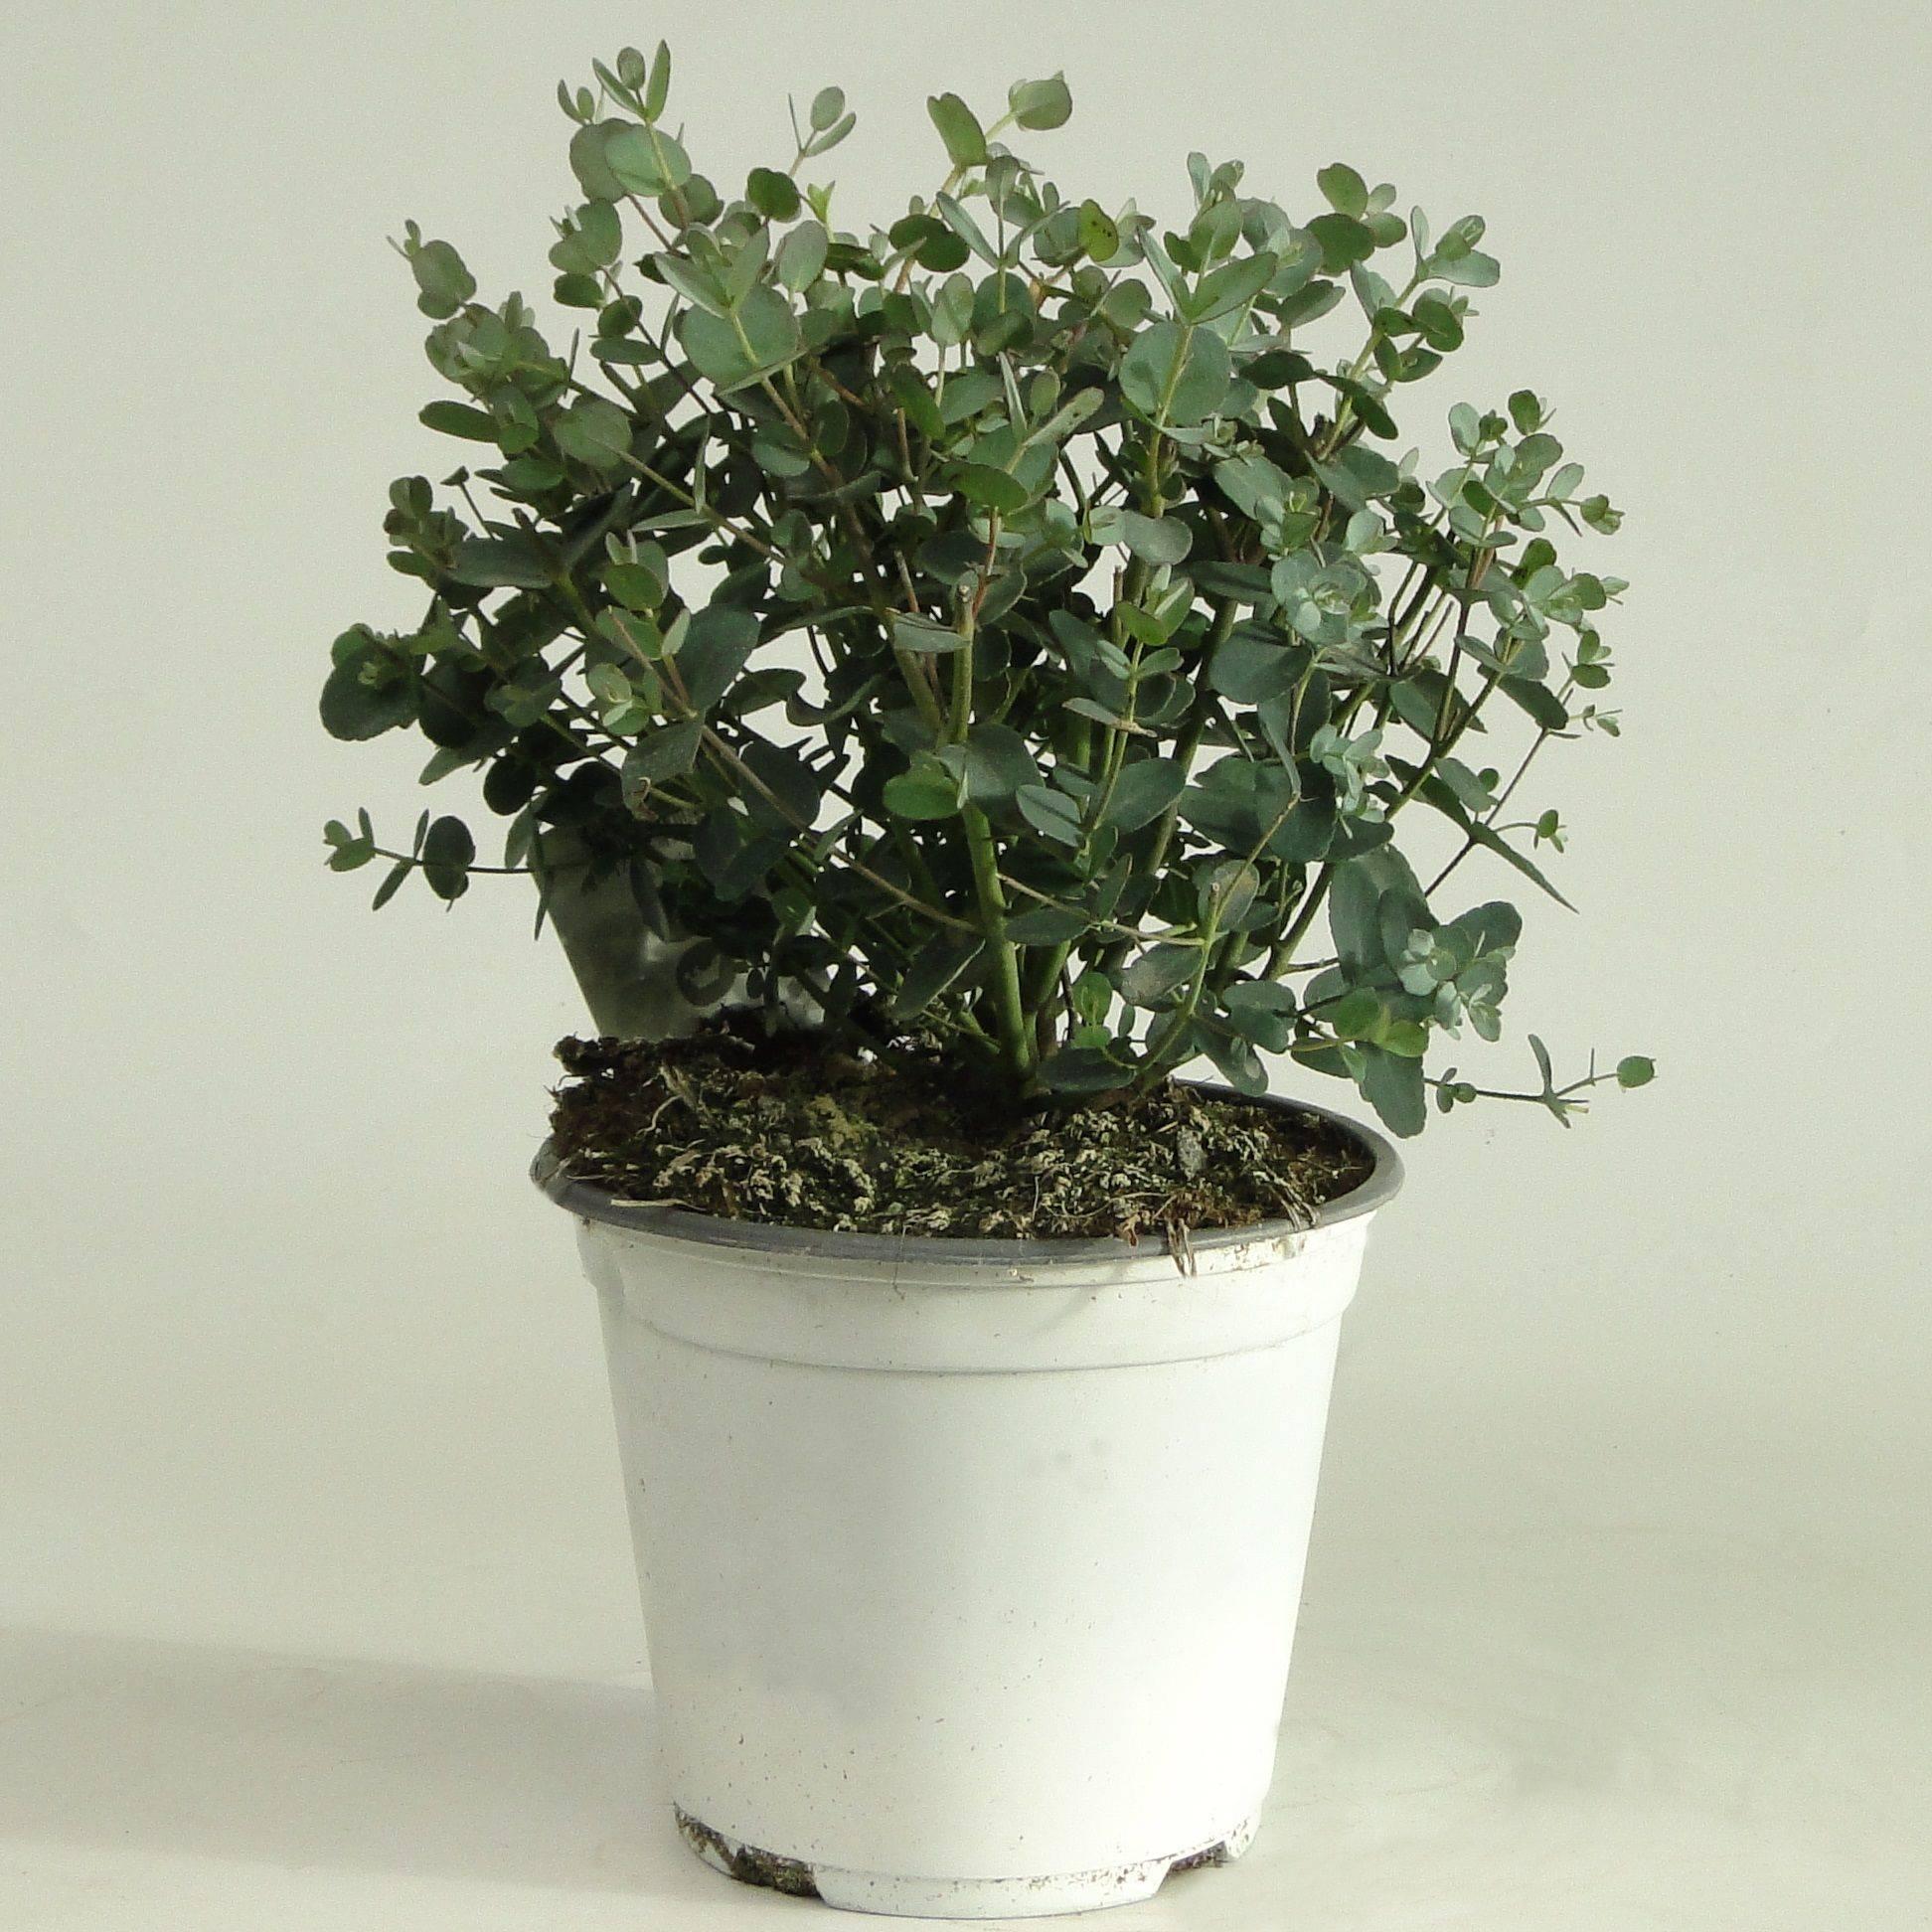 Комнатное растение эвкалипт: домашний уход, размножение в квартире и полезные свойства